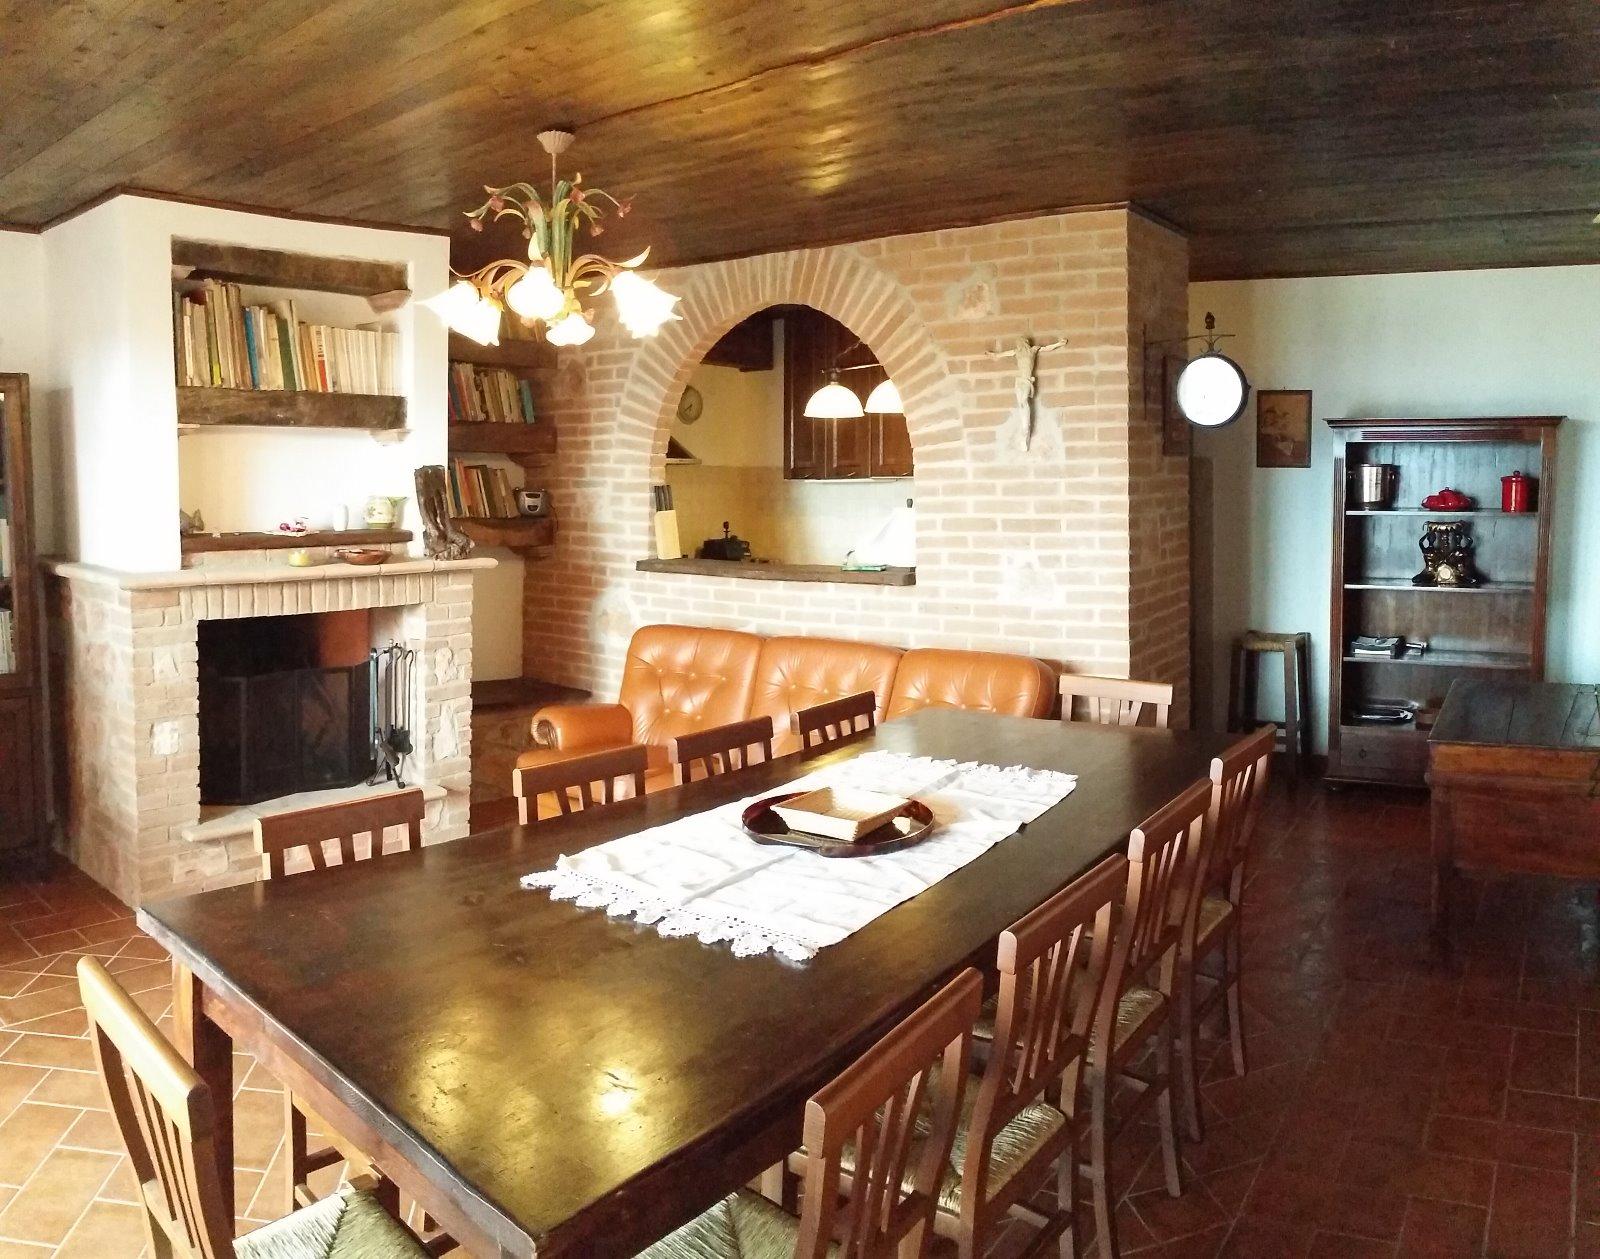 Cucine per tavernette arredamento tavernetta in legno - Cucine per tavernette ...